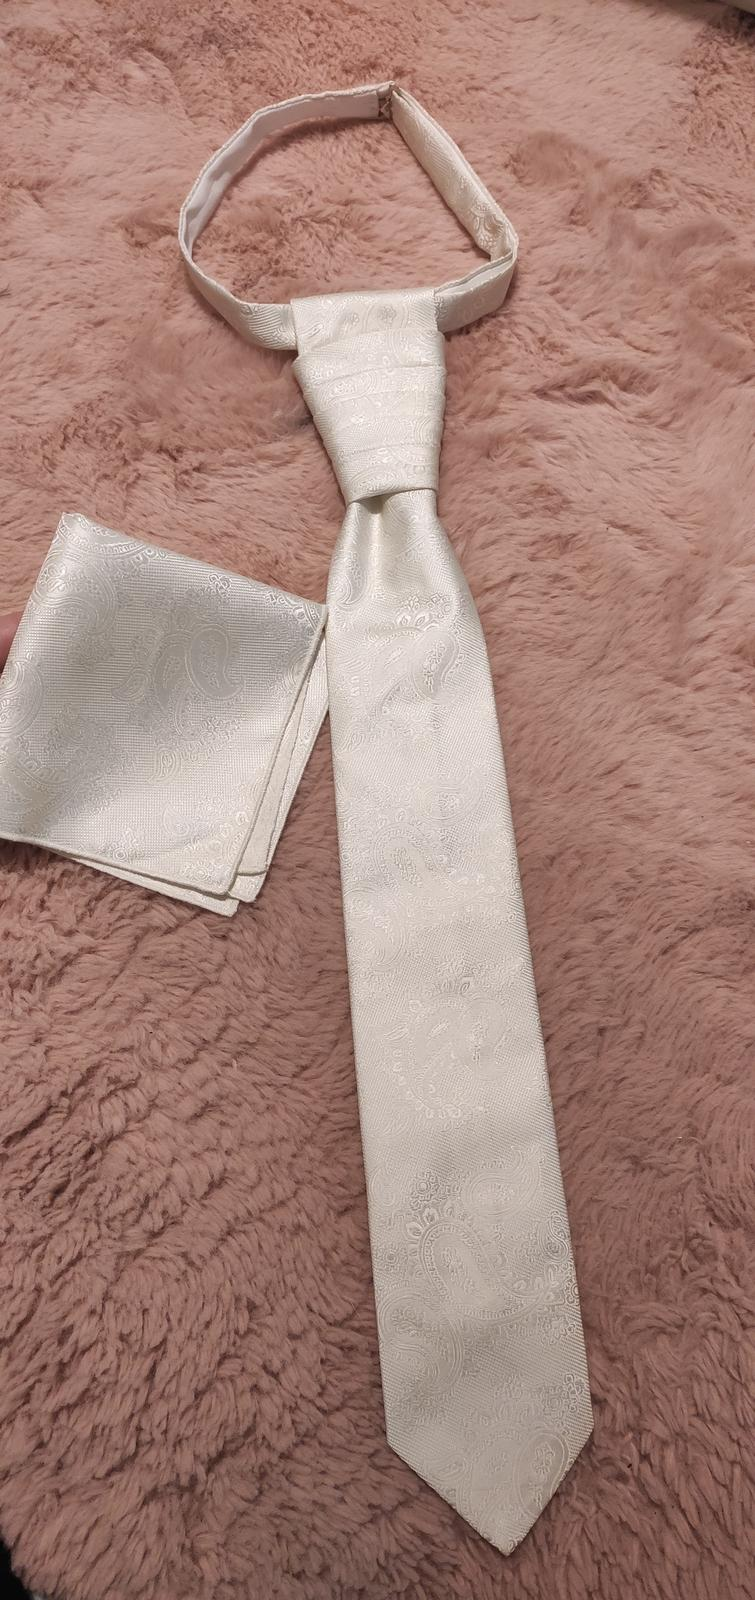 svadobná kravata - Obrázok č. 1